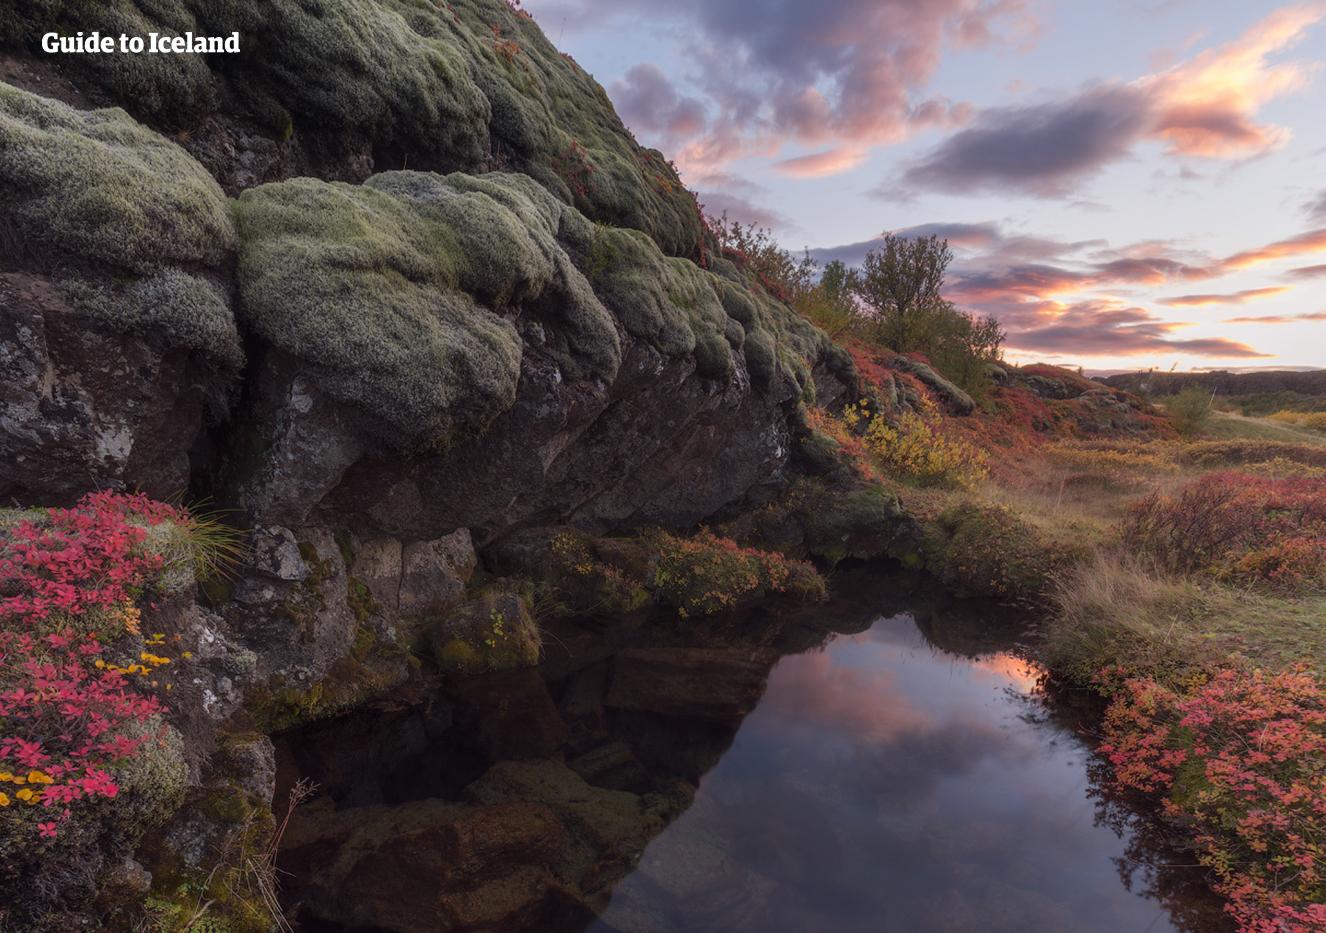 씽벨리르 국립공원은 문화의 요지로서, 아이슬란드가 탄생한 곳으로도 여겨집니다.